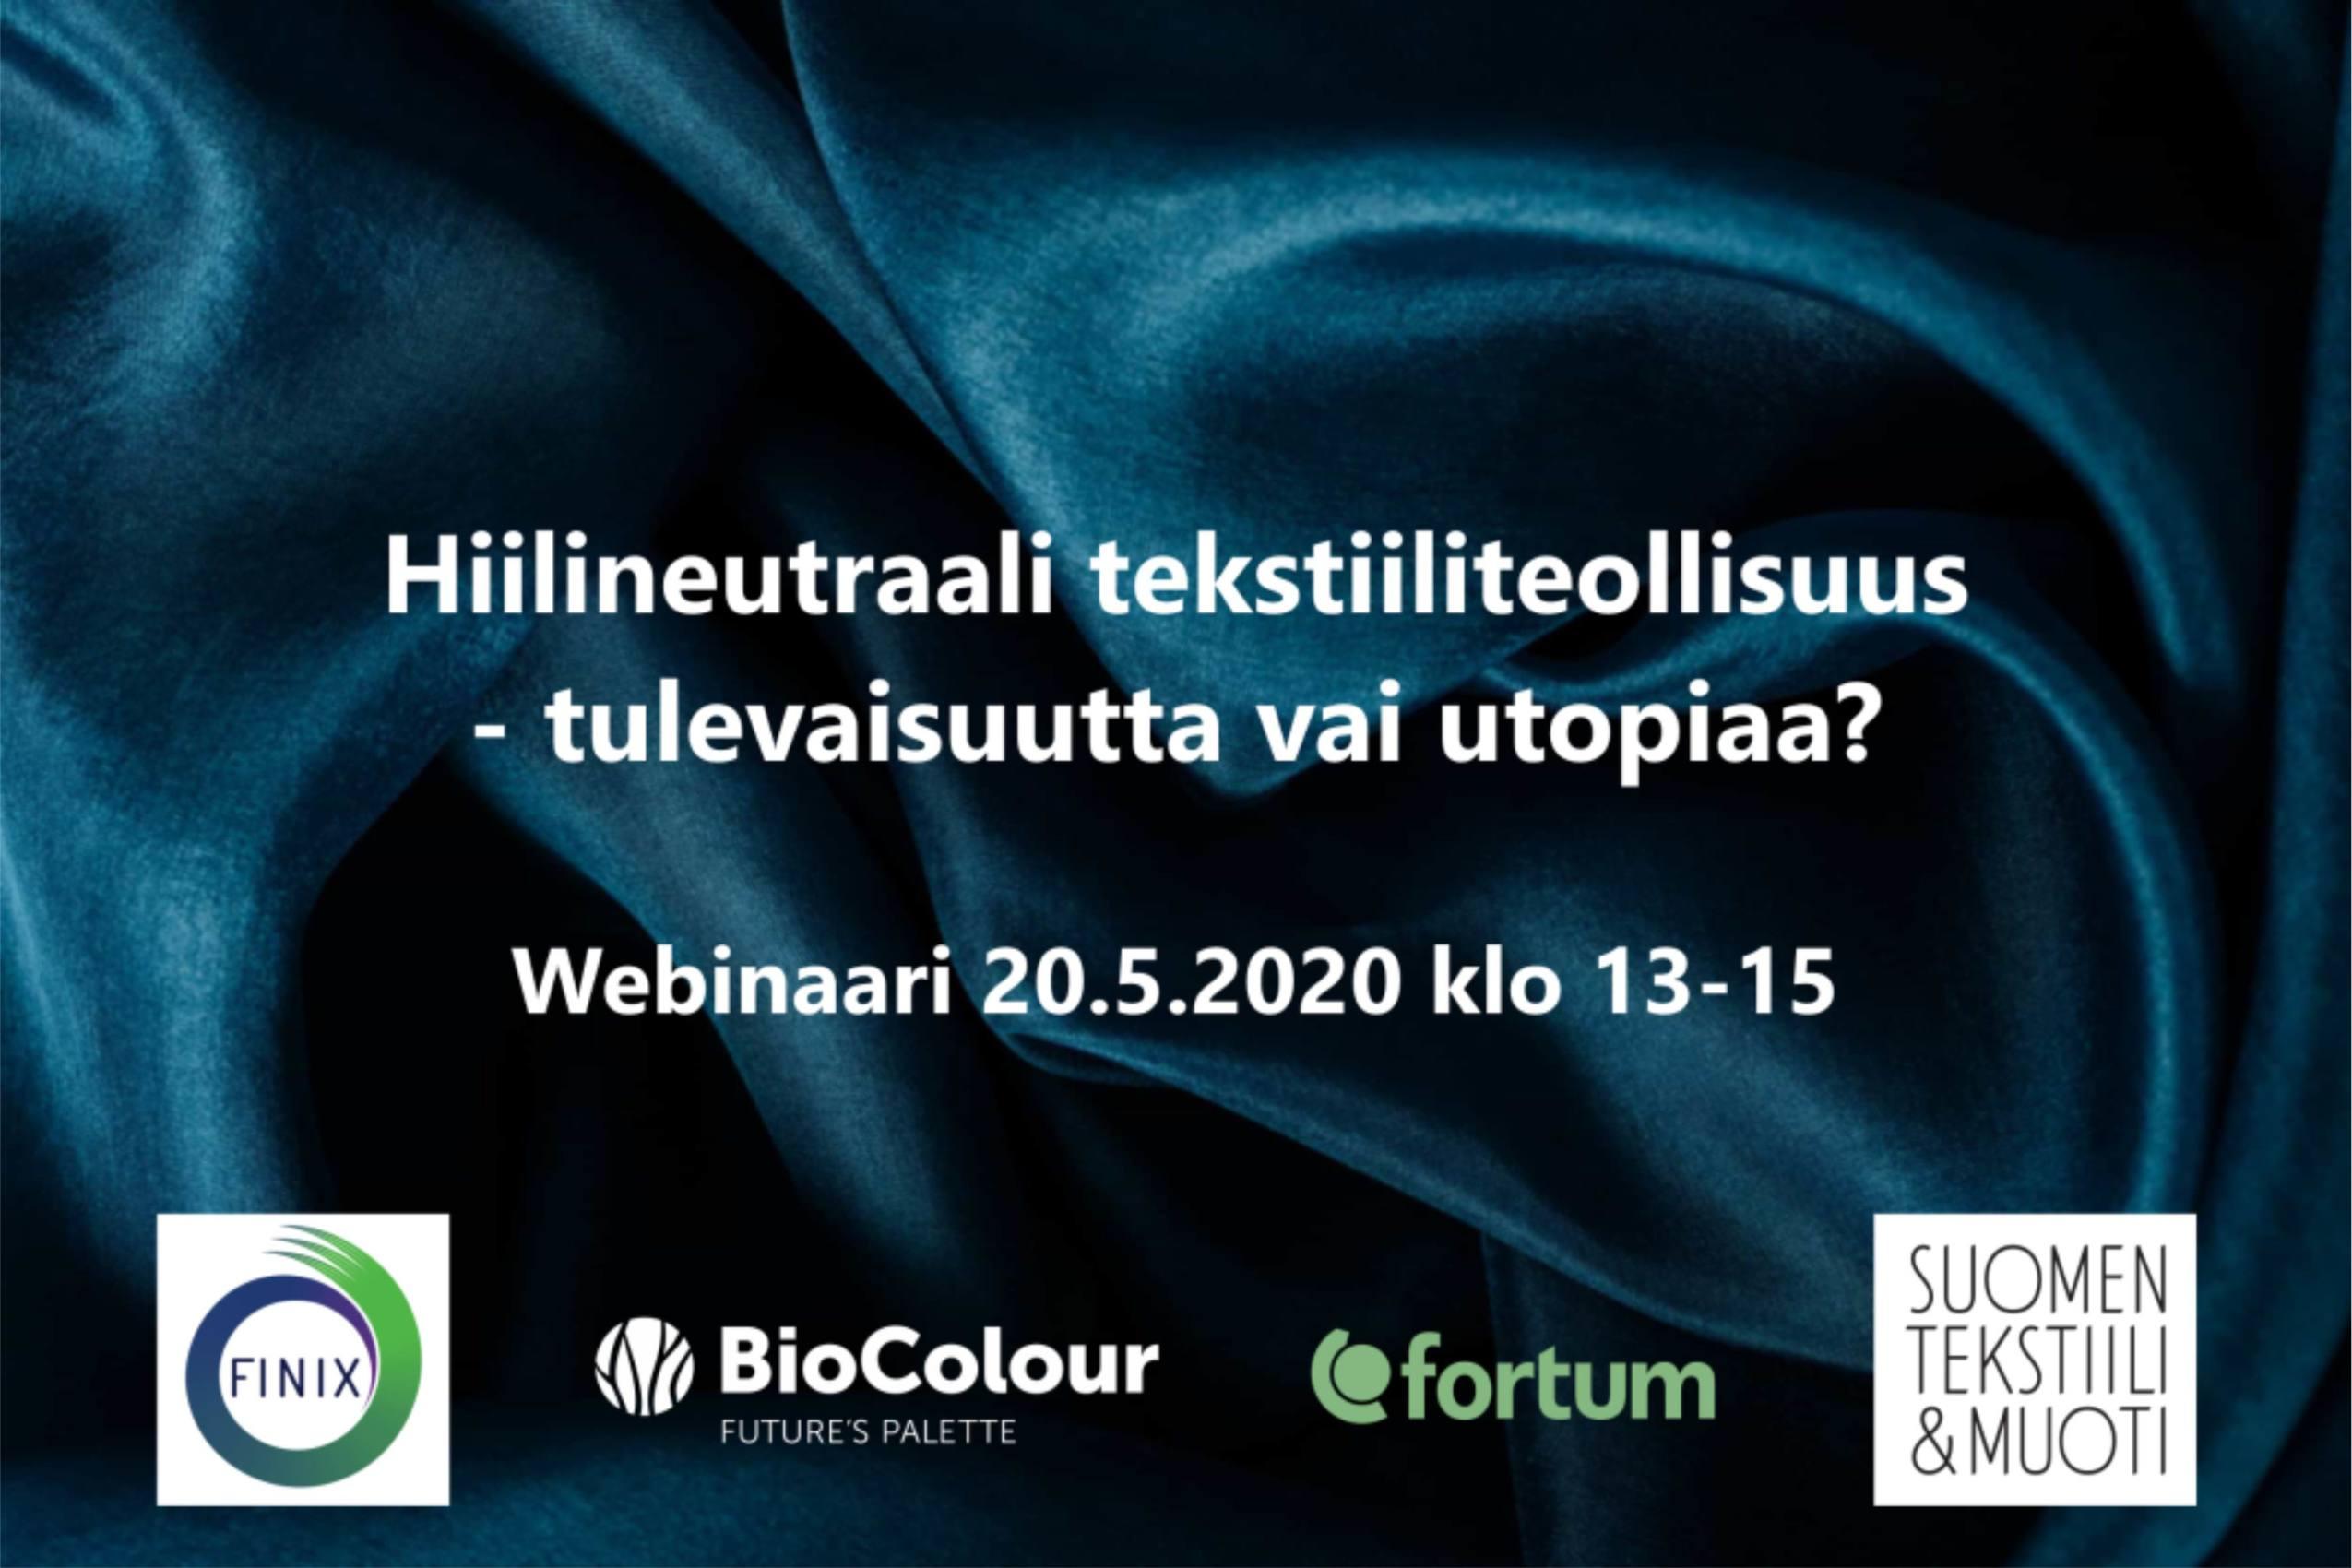 Cover for article 'Hiilineutraali tekstiiliteollisuus – tulevaisuutta vai utopiaa? -webinaari 20.5.2020'